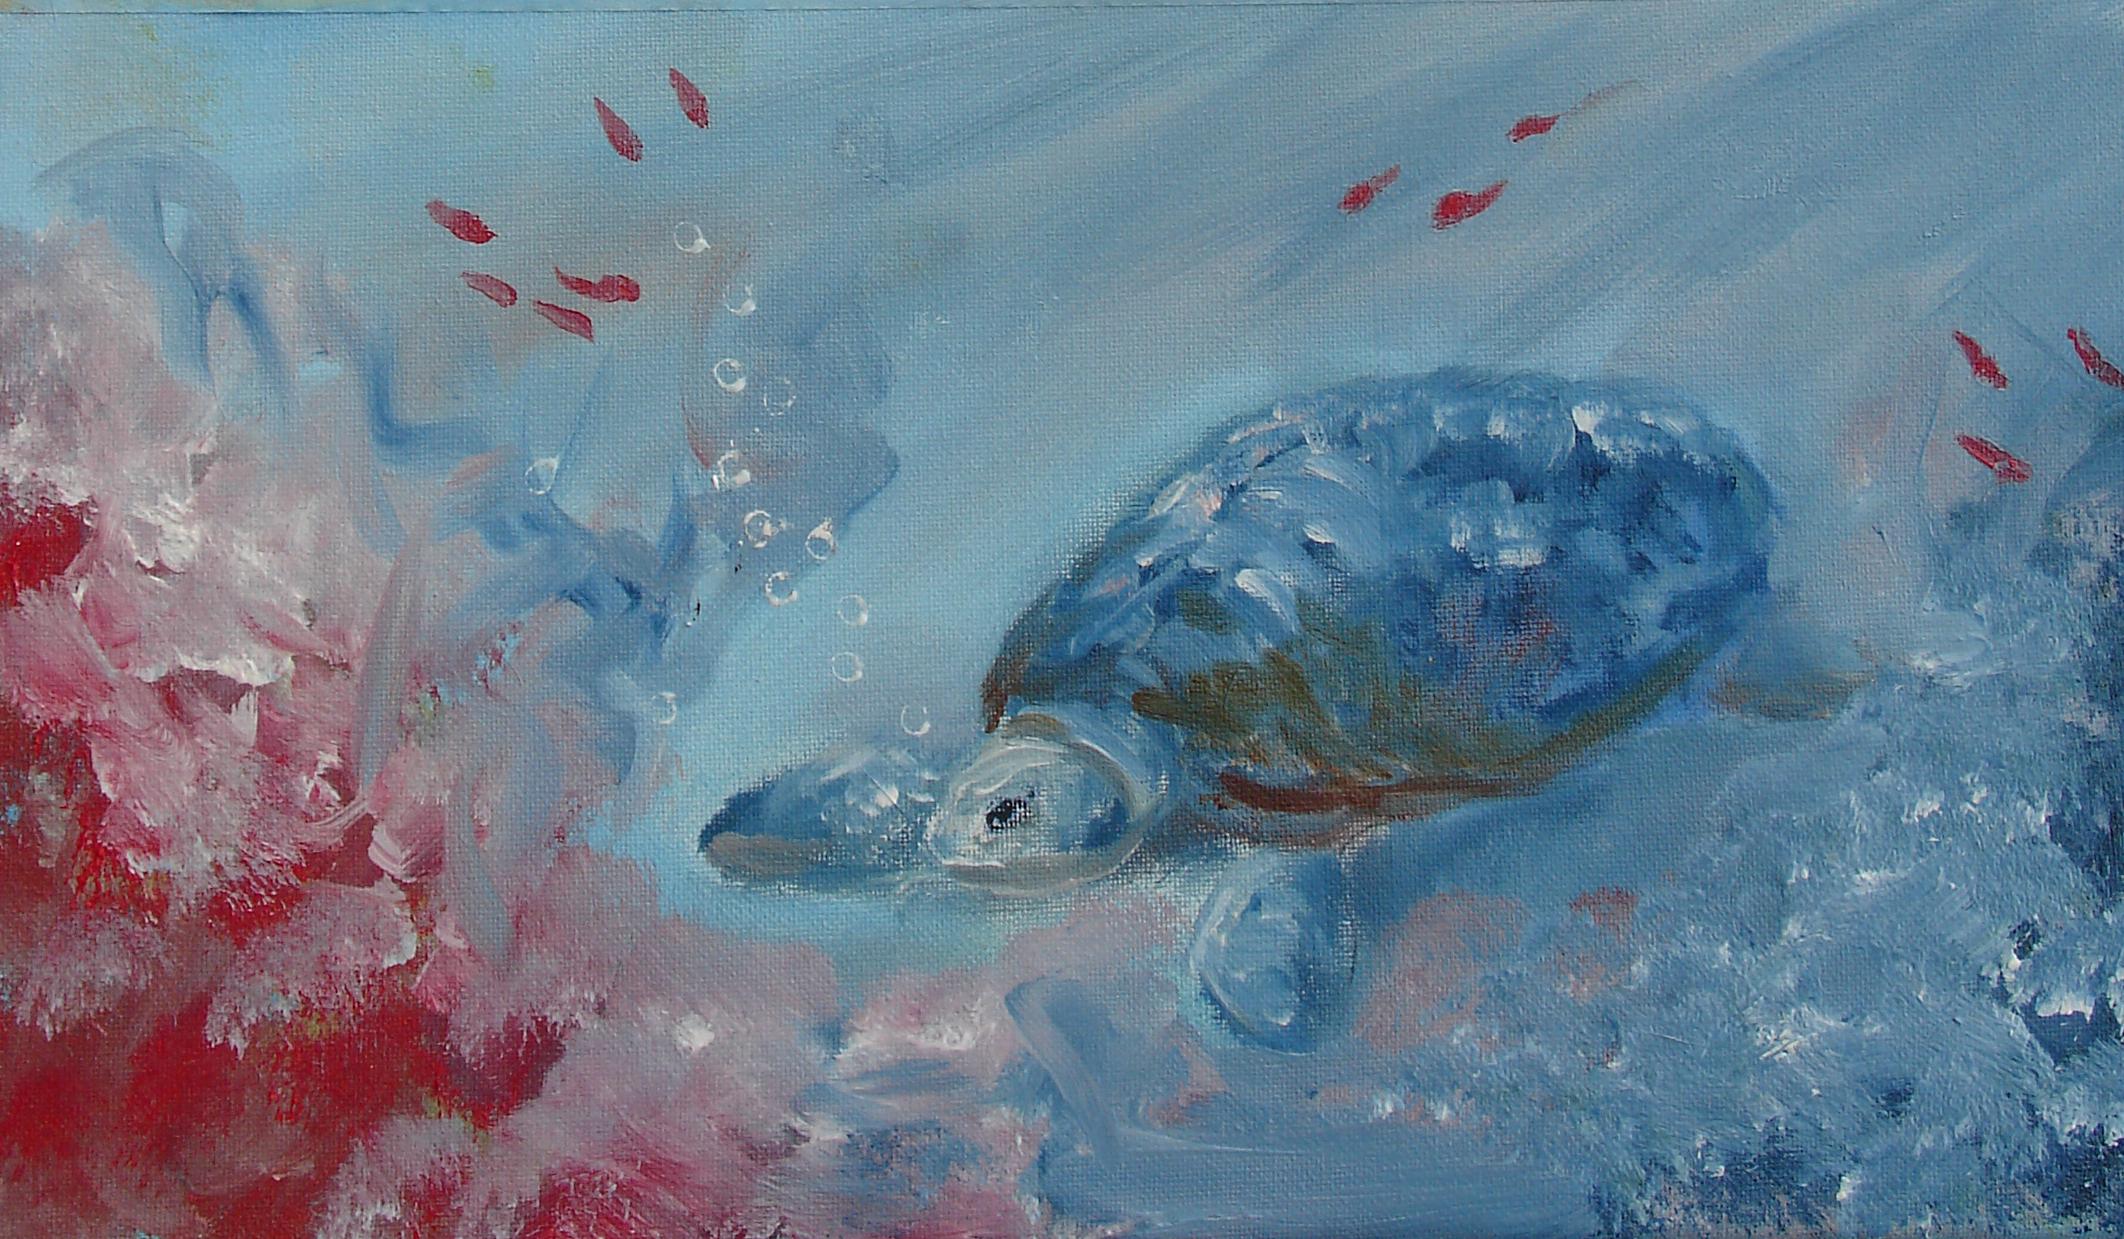 Geef kleur aan het koraal met een schilderworkshop bij WNF in Assen!